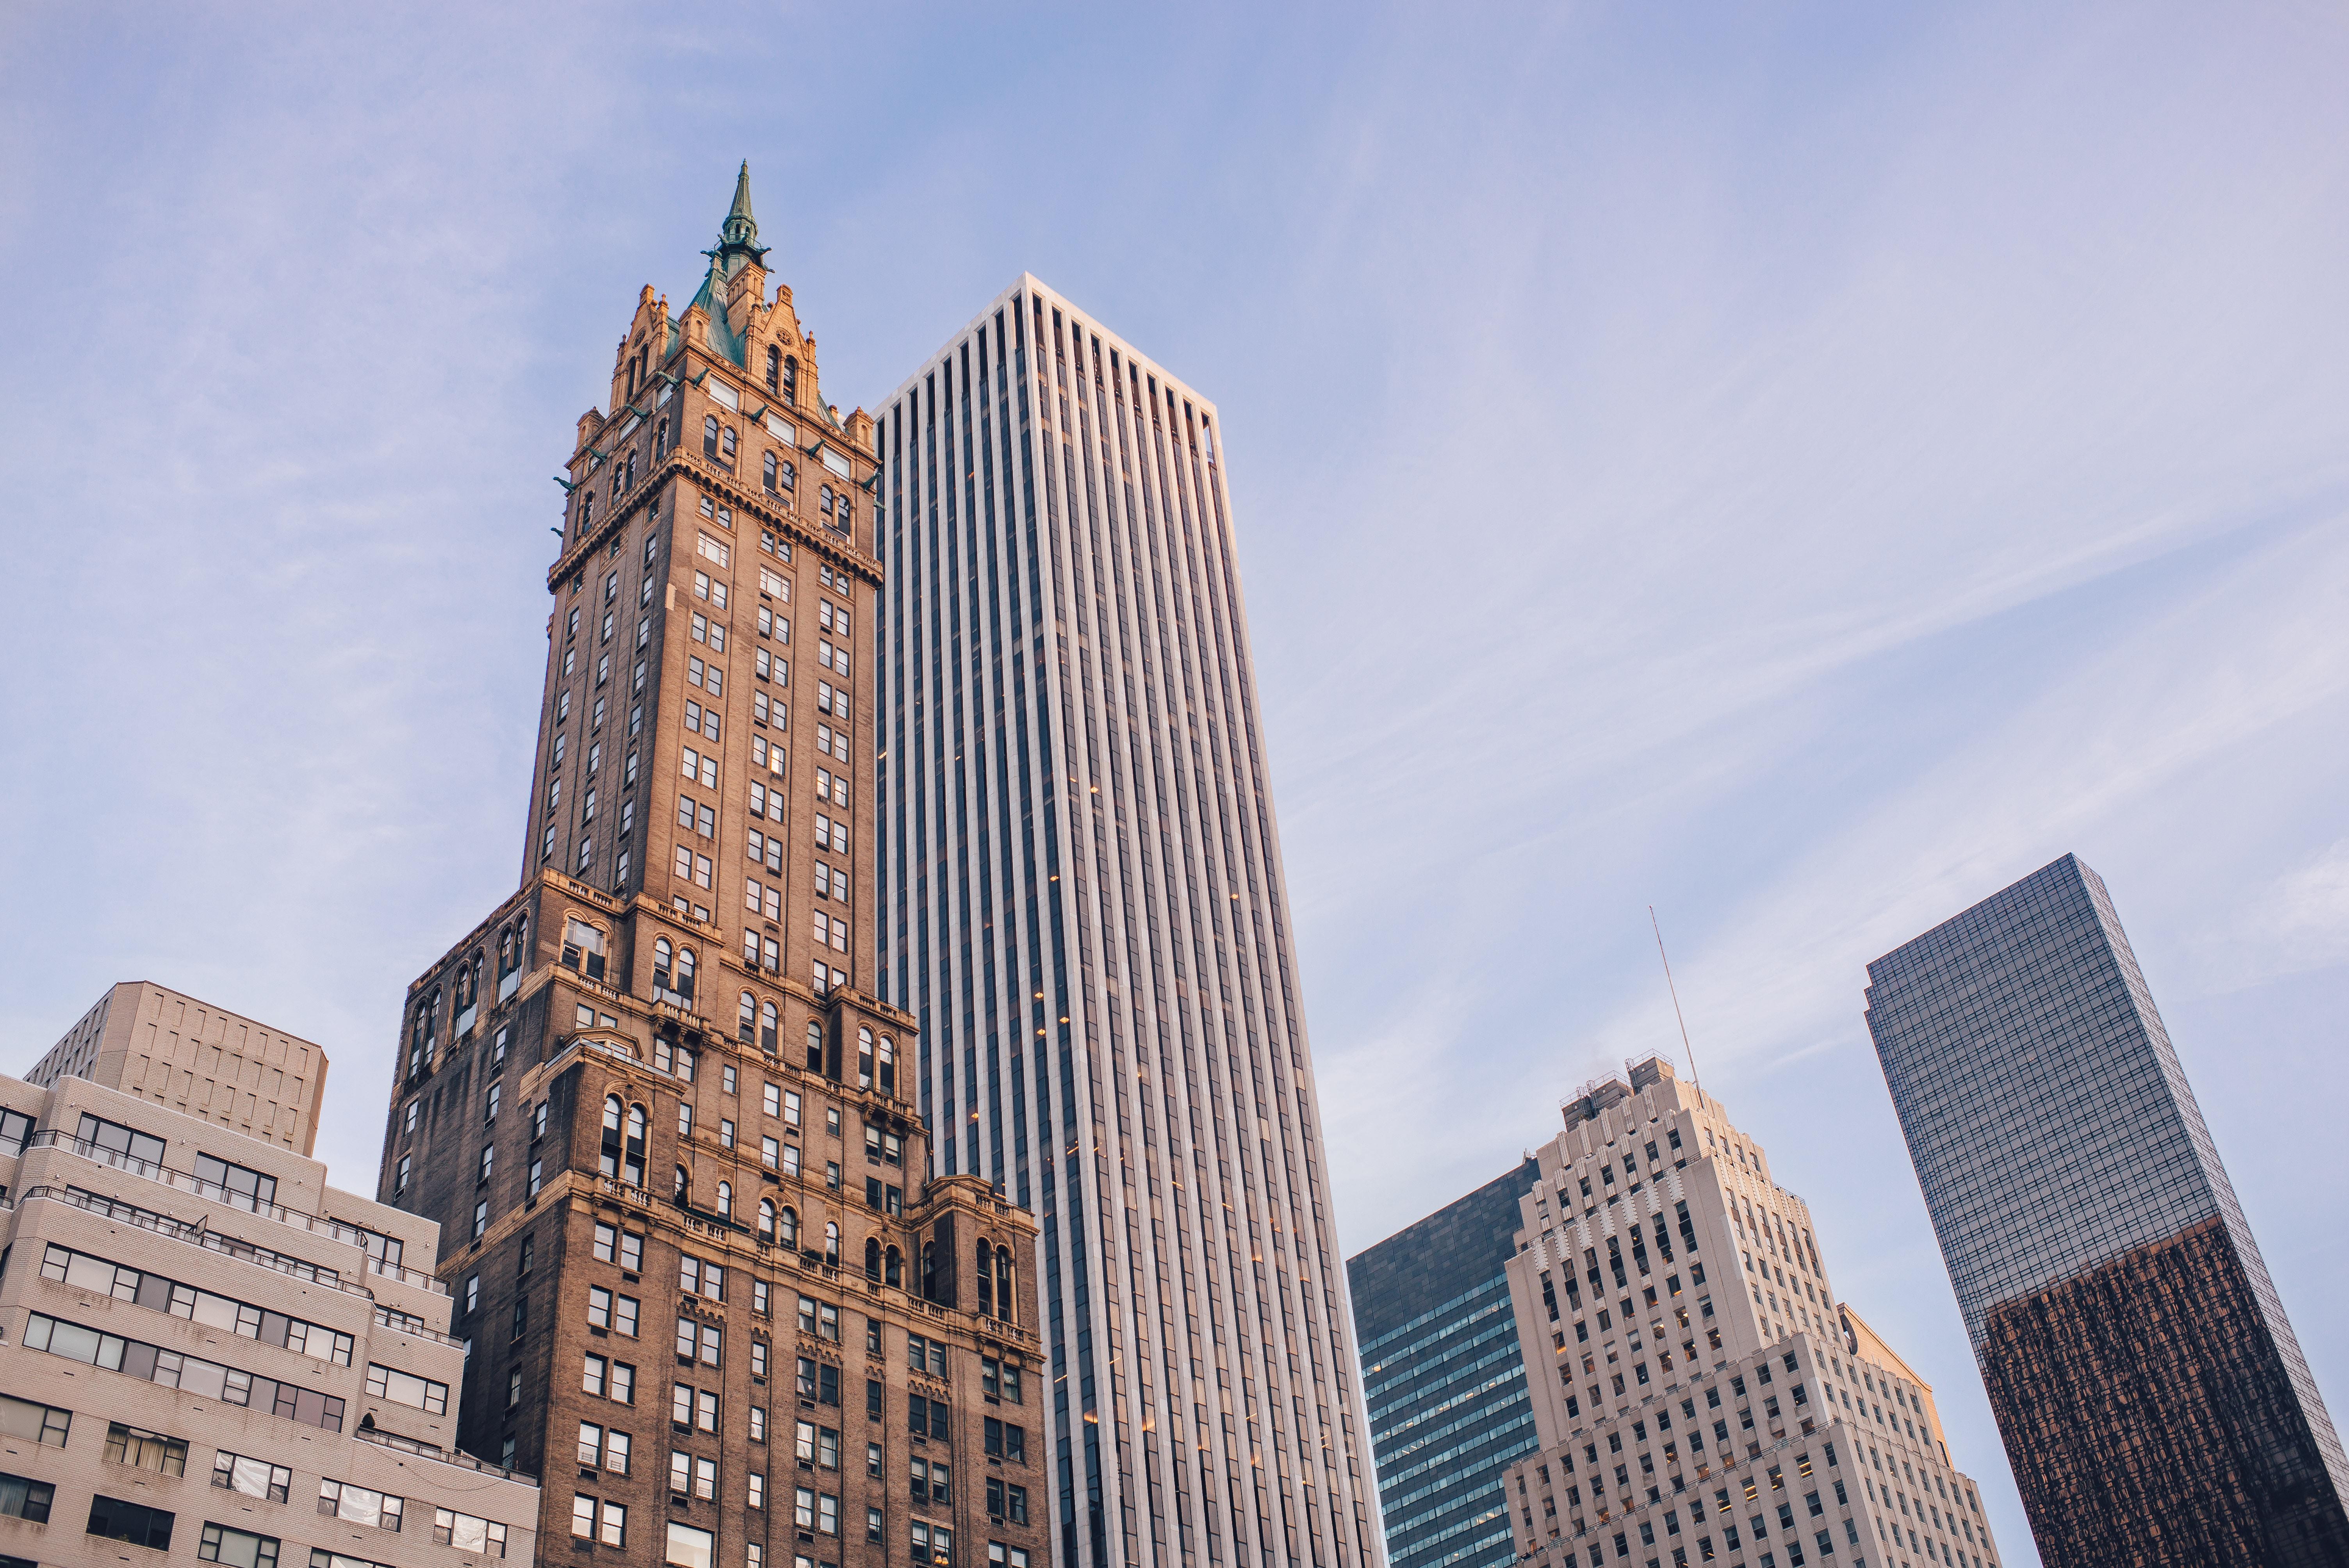 high-rise concrete buildings under blue sky